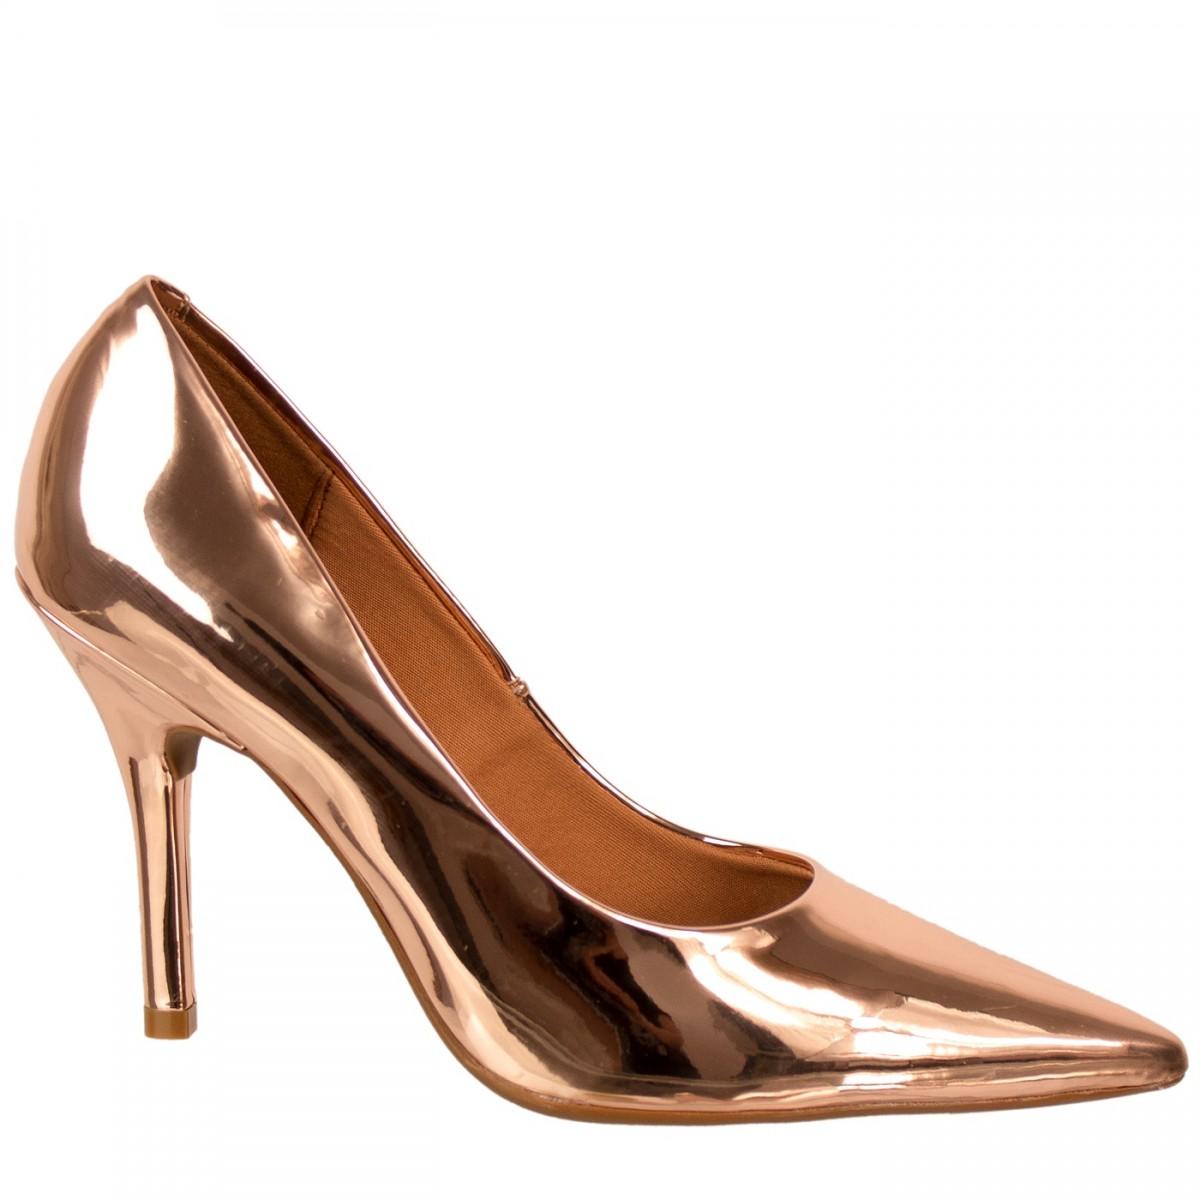 6a6148f8e9 Bizz Store - Scarpin Metalizado Feminino Vizzano Metal Glamour